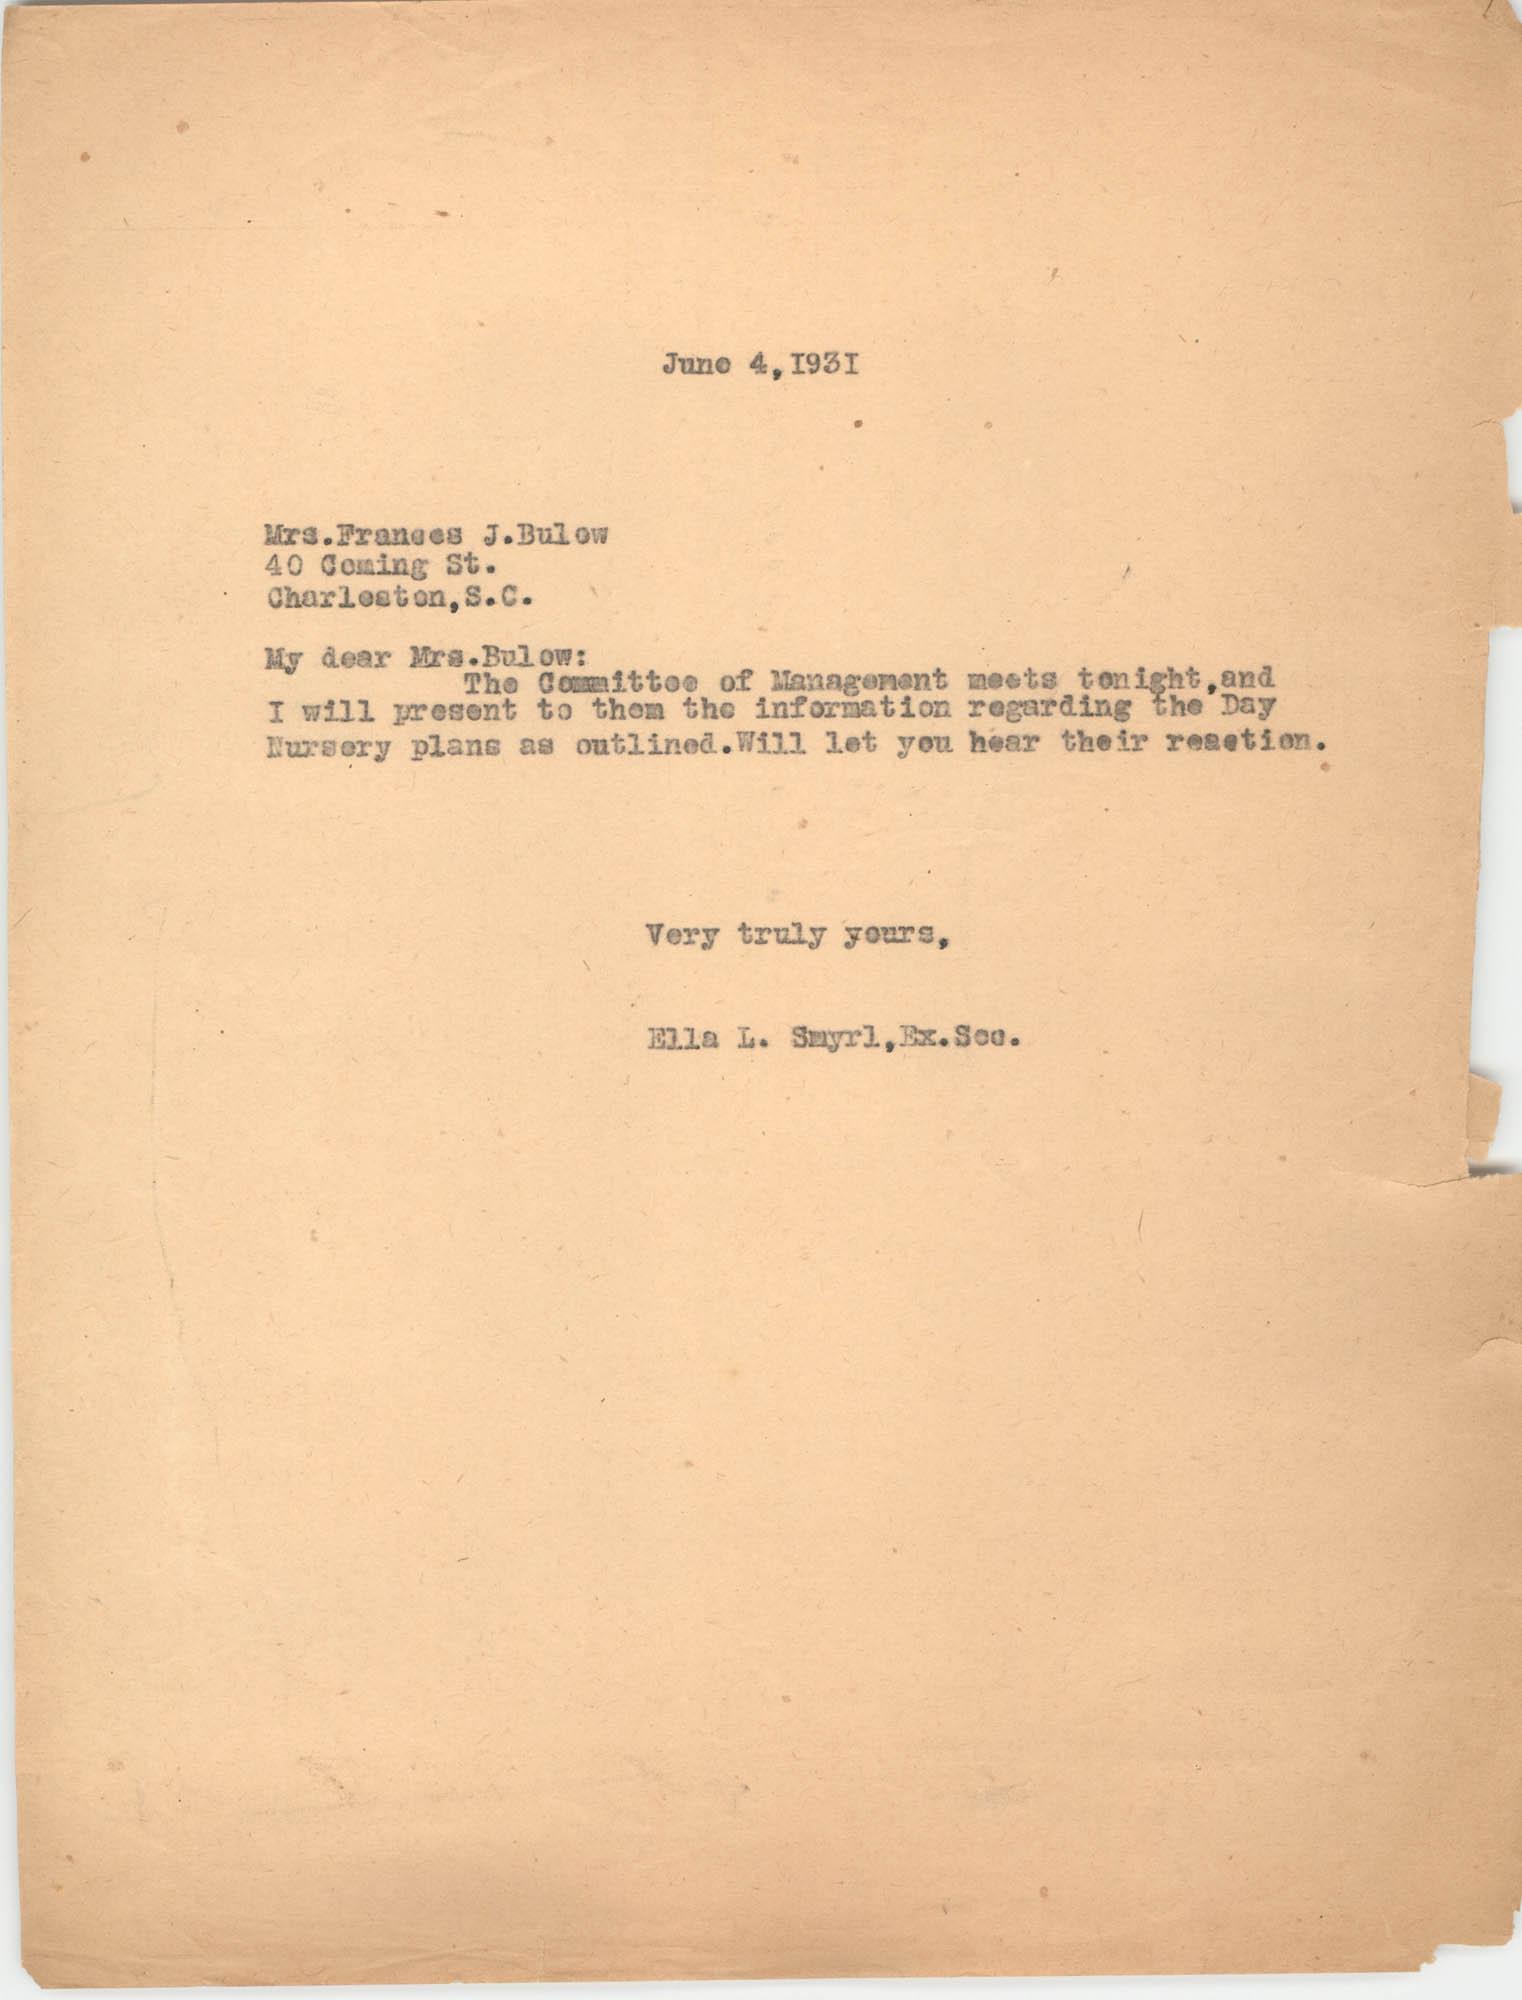 Letter from Ella L. Smyrl to Frances J. Bulow, June 4, 1931